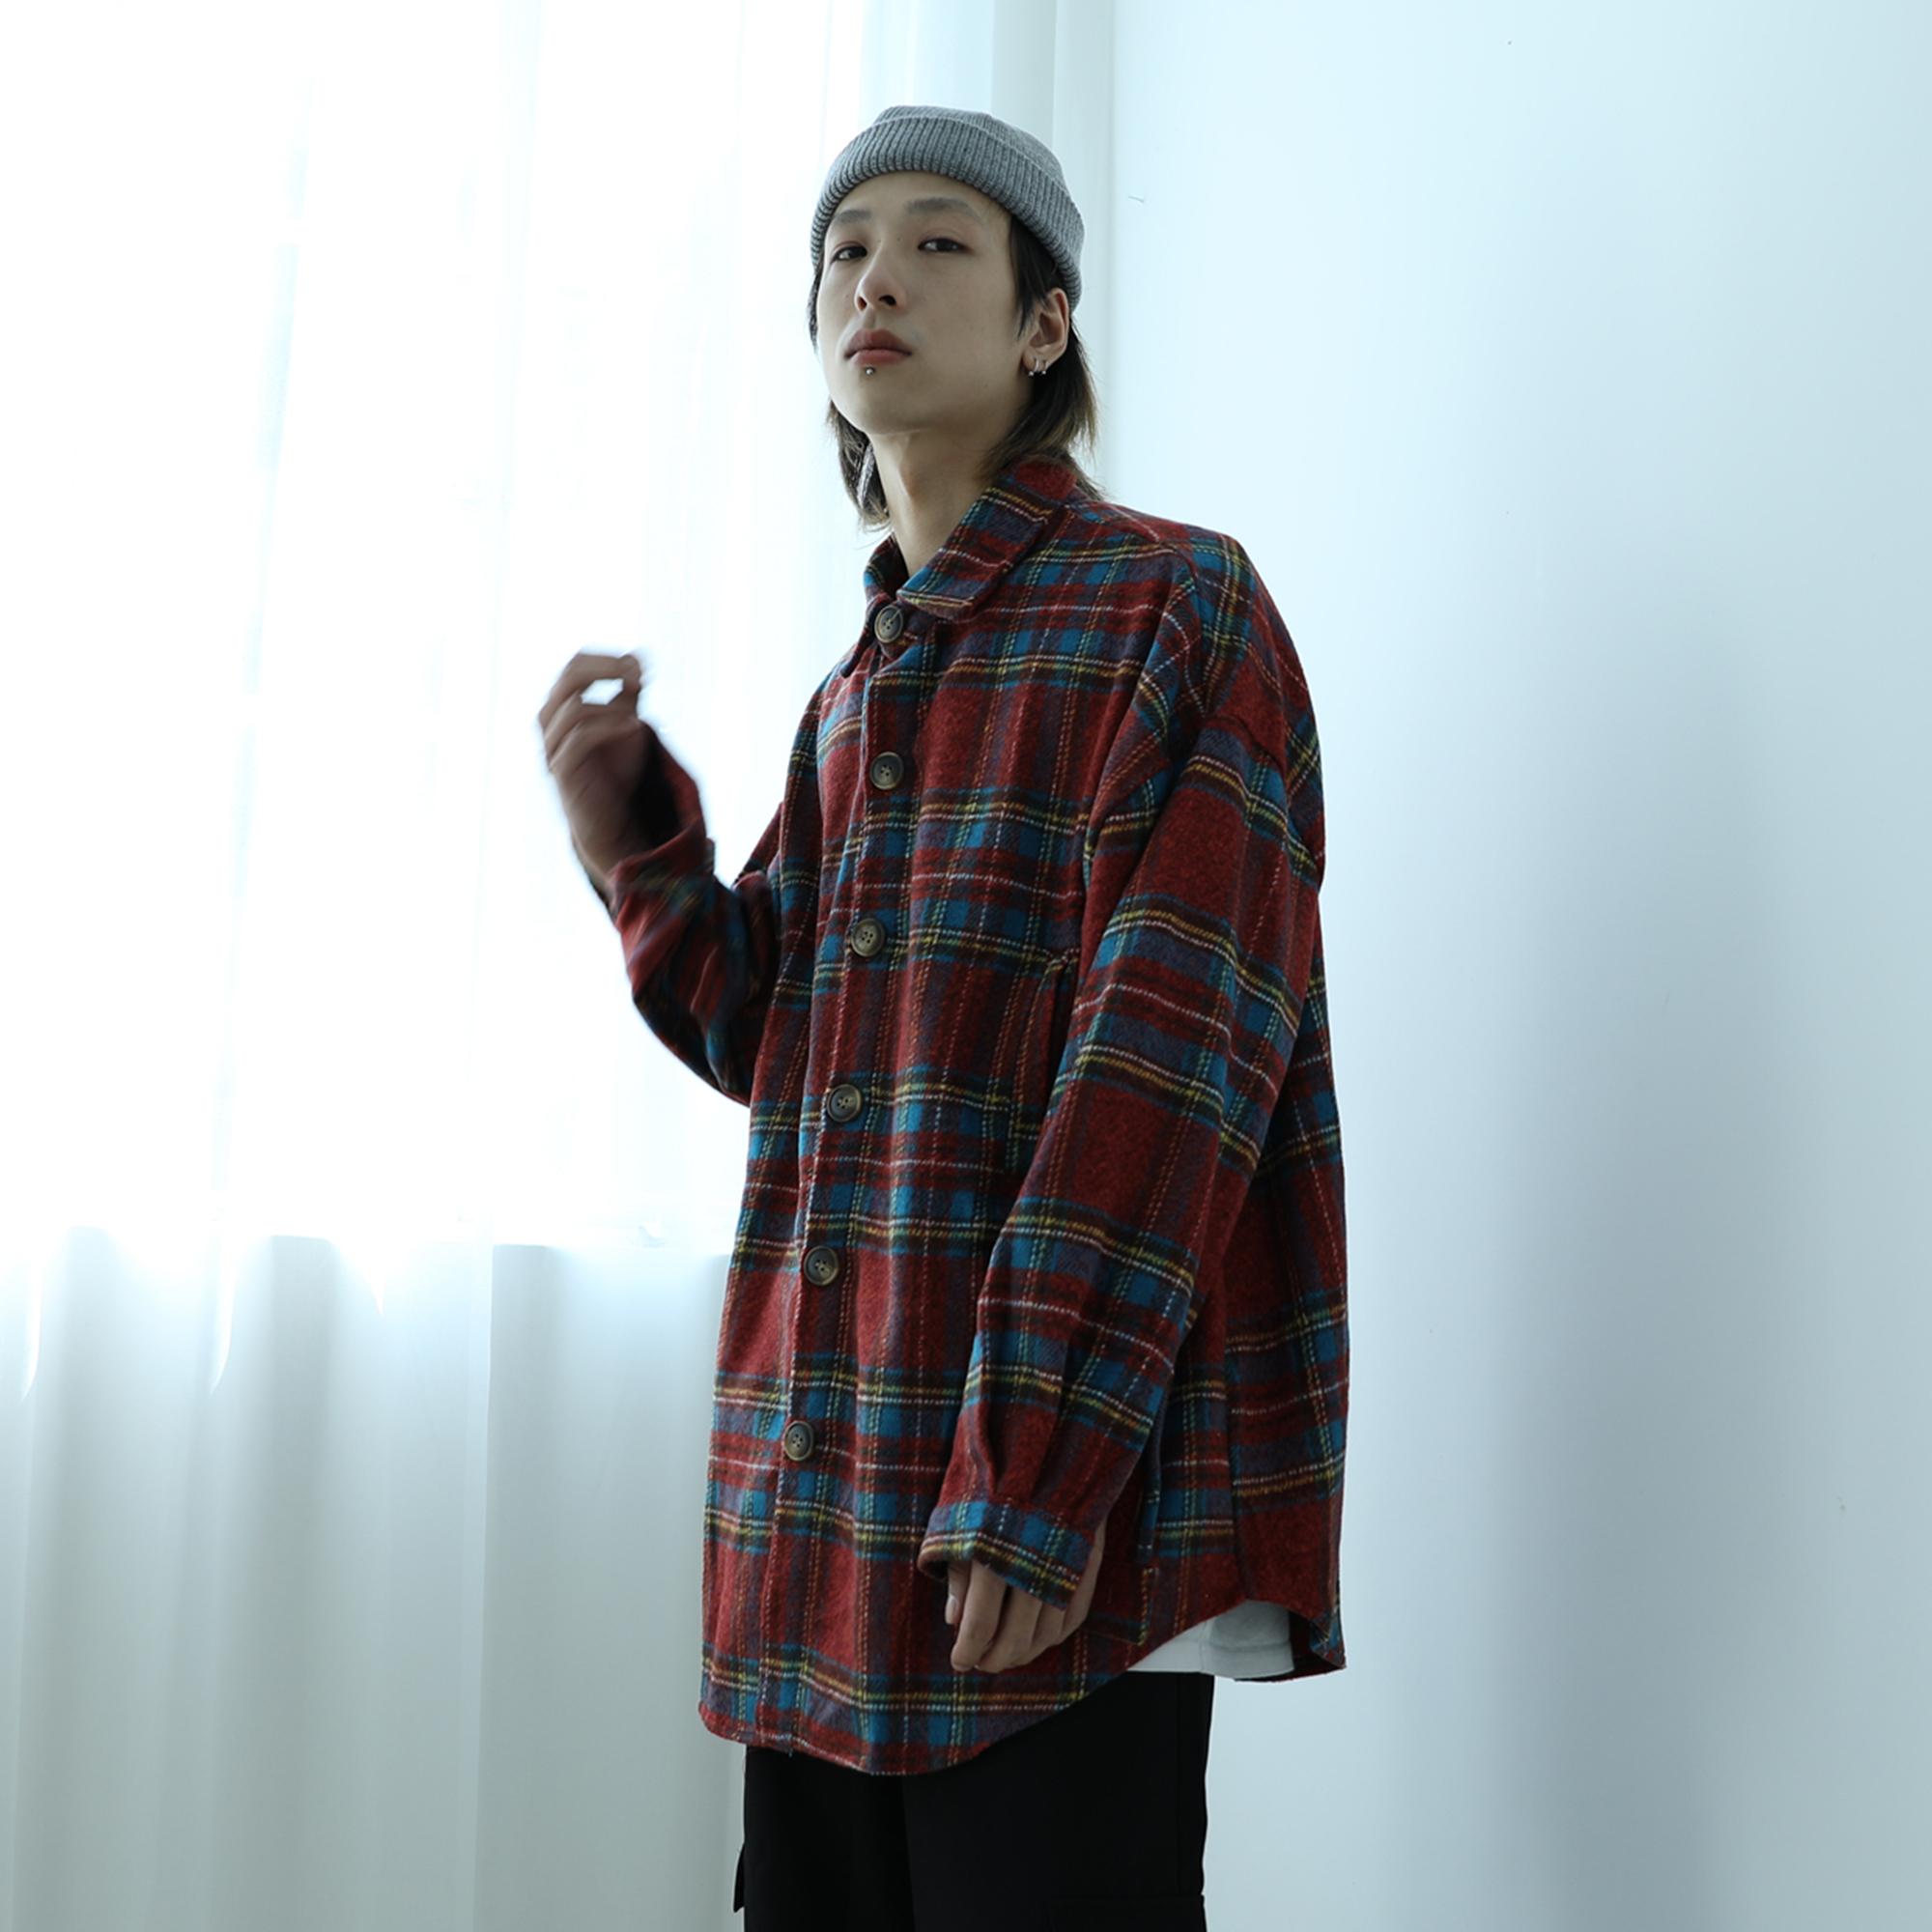 [¥84]港味oversize潮撞色格子衬衣男女复古加厚毛呢料长袖衬衫秋冬外套